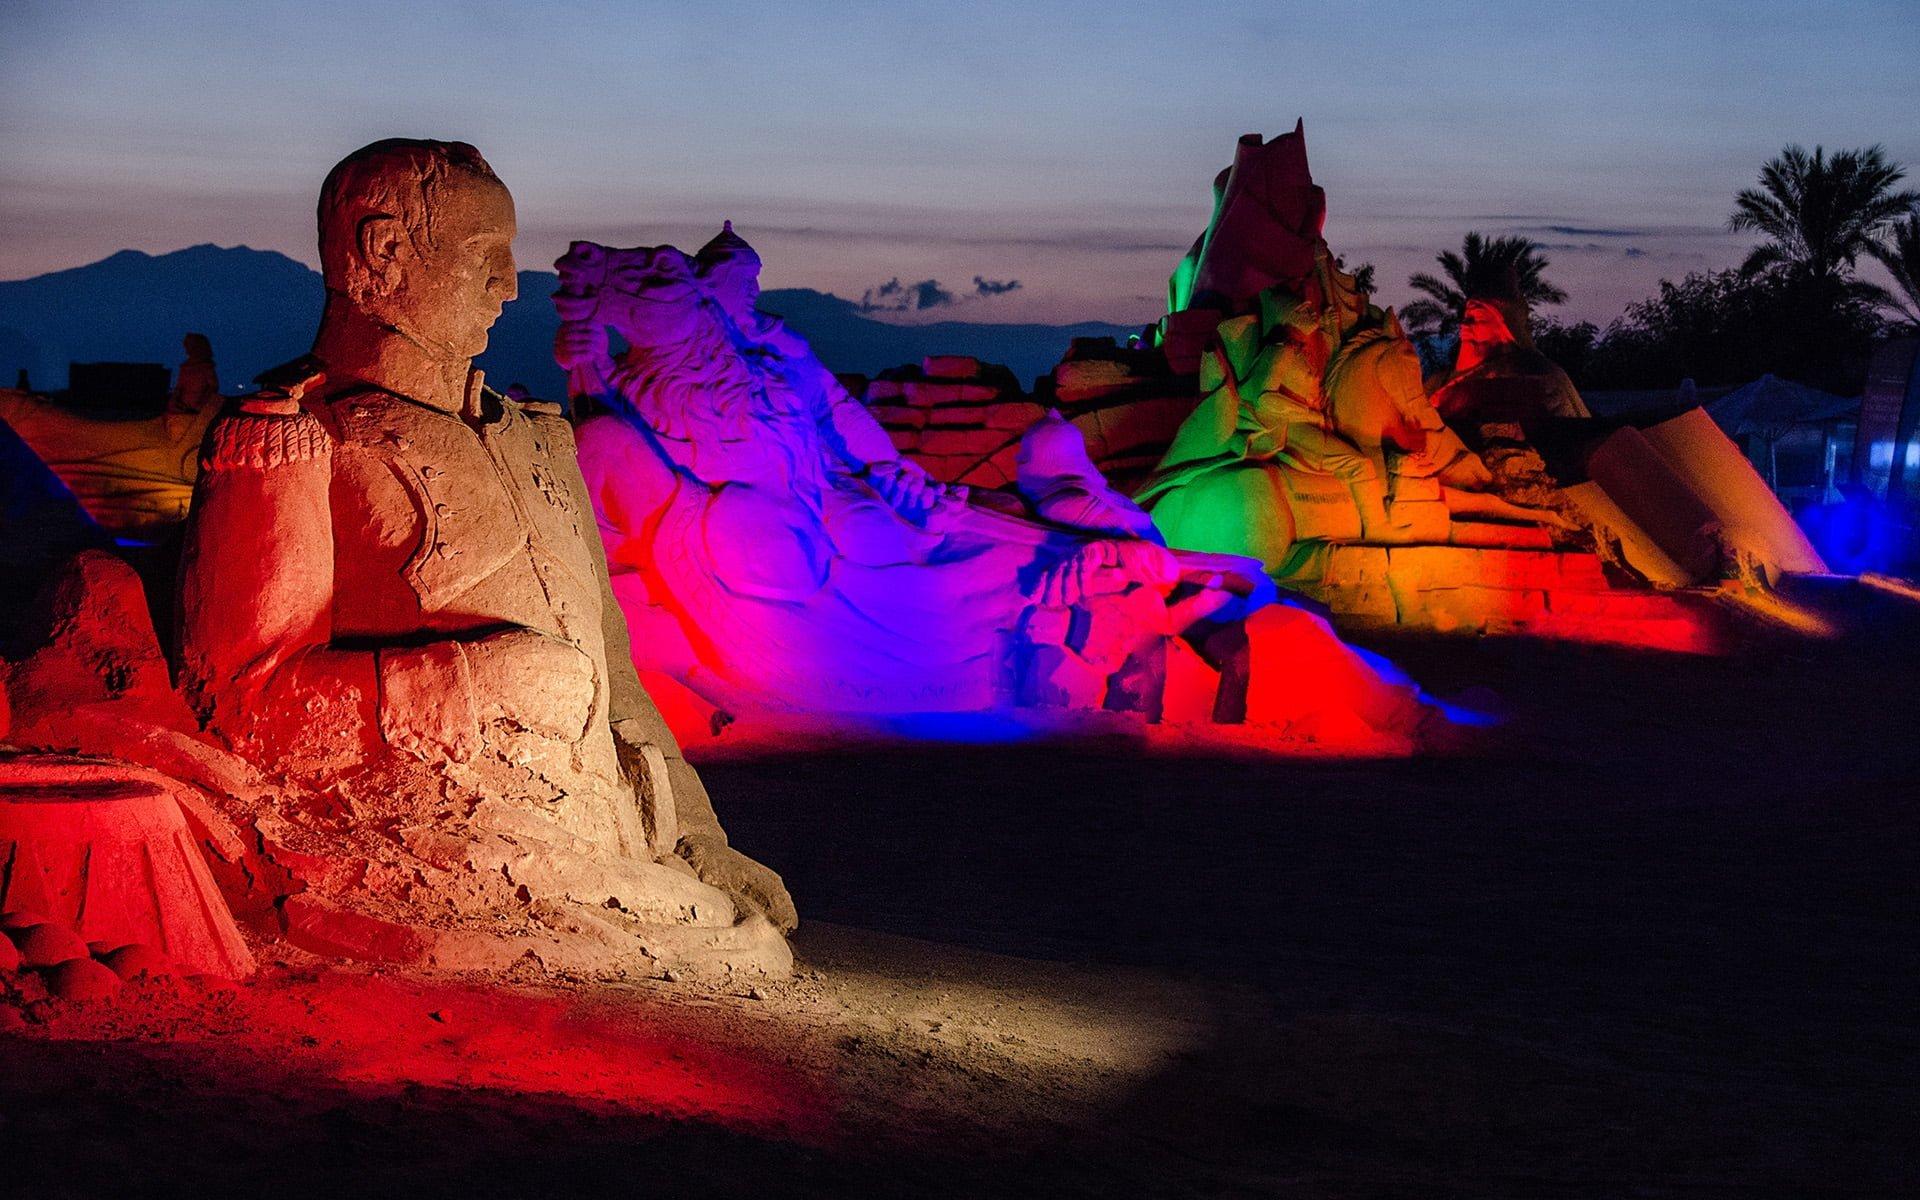 napolyon kum heykeli